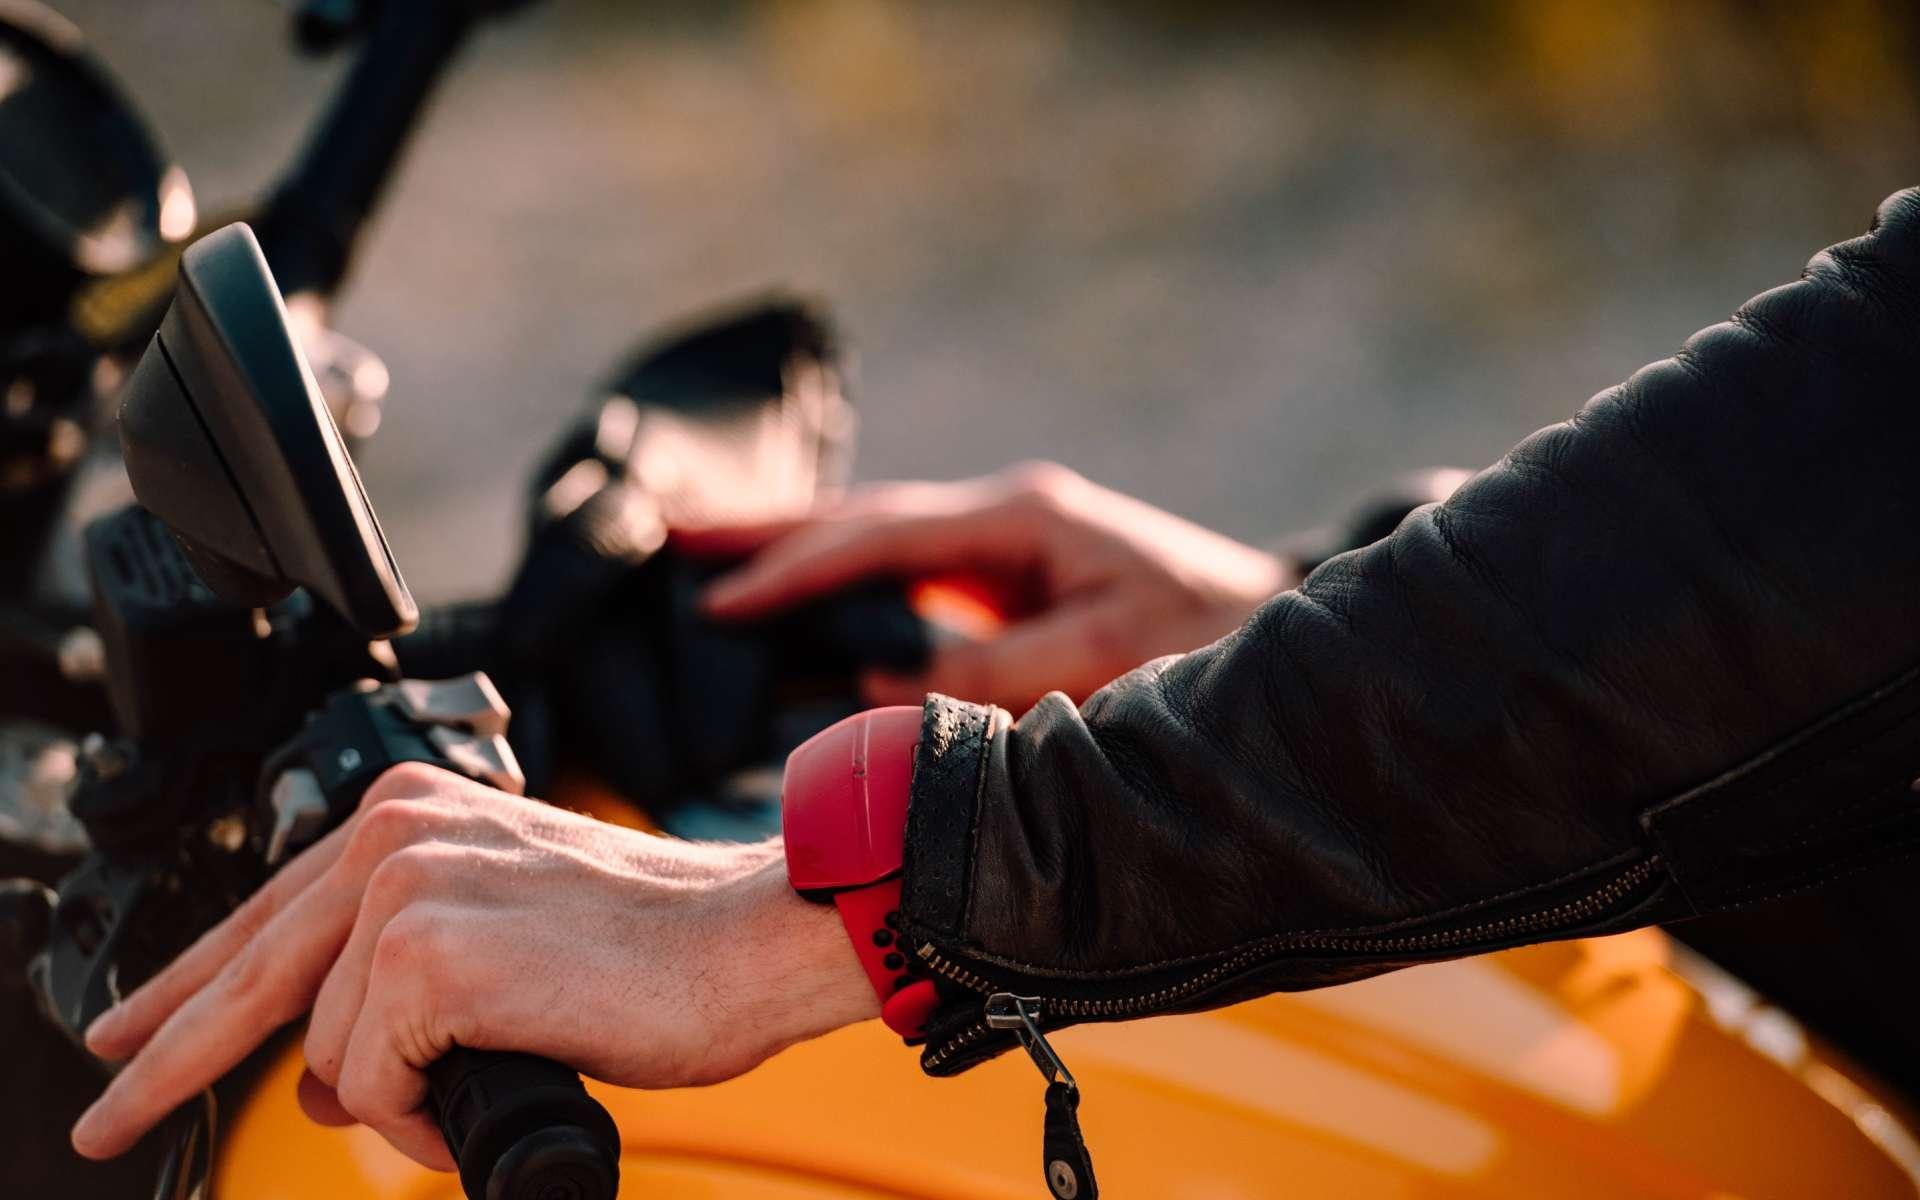 Sentinel de Motobit est un dispositif Bluetooth qui se porte au poignet ou à la ceinture. Il sécurise la conduite sur route des motards. © Courtesy of Motobit